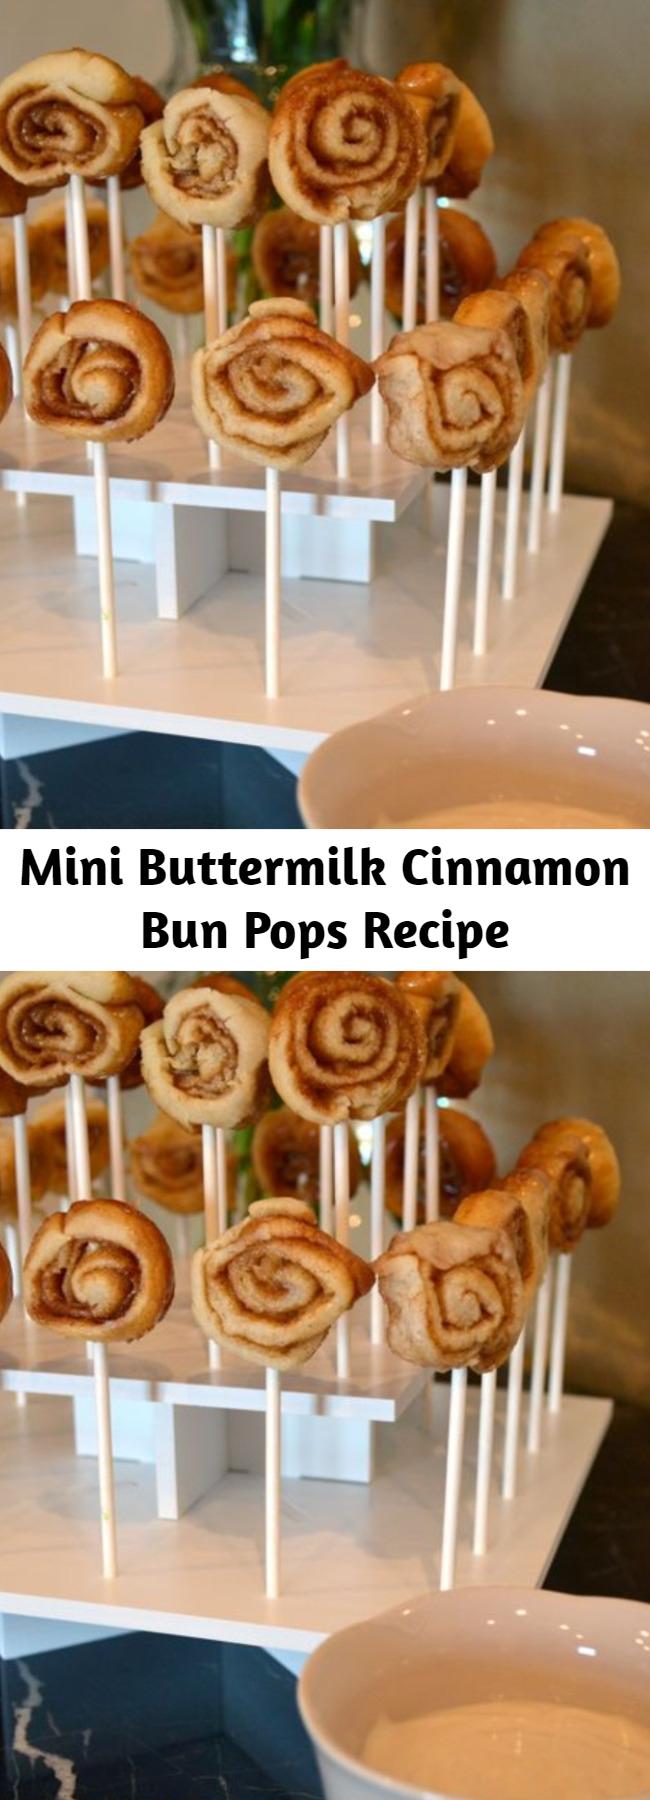 Mini Buttermilk Cinnamon Bun Pops Recipe